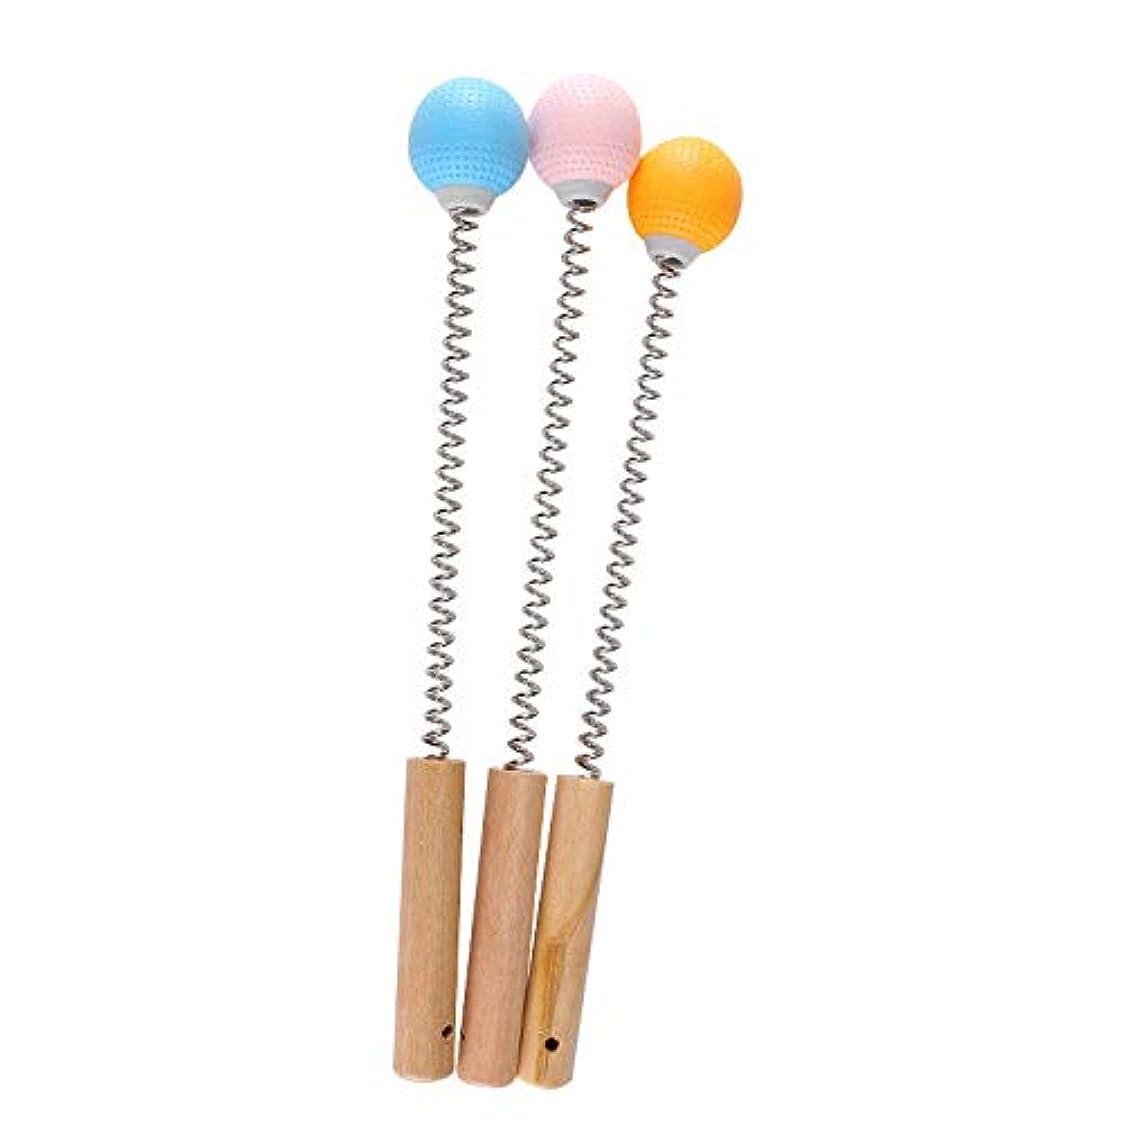 群衆国内の方法Oral Dentistry マッサージハンマー 肩たたき棒 木材柄 プラスチック製 ハンドル ばね付き ボディー ストレス 肩こり解消 手持ち ゴルフ型 (ブルー)